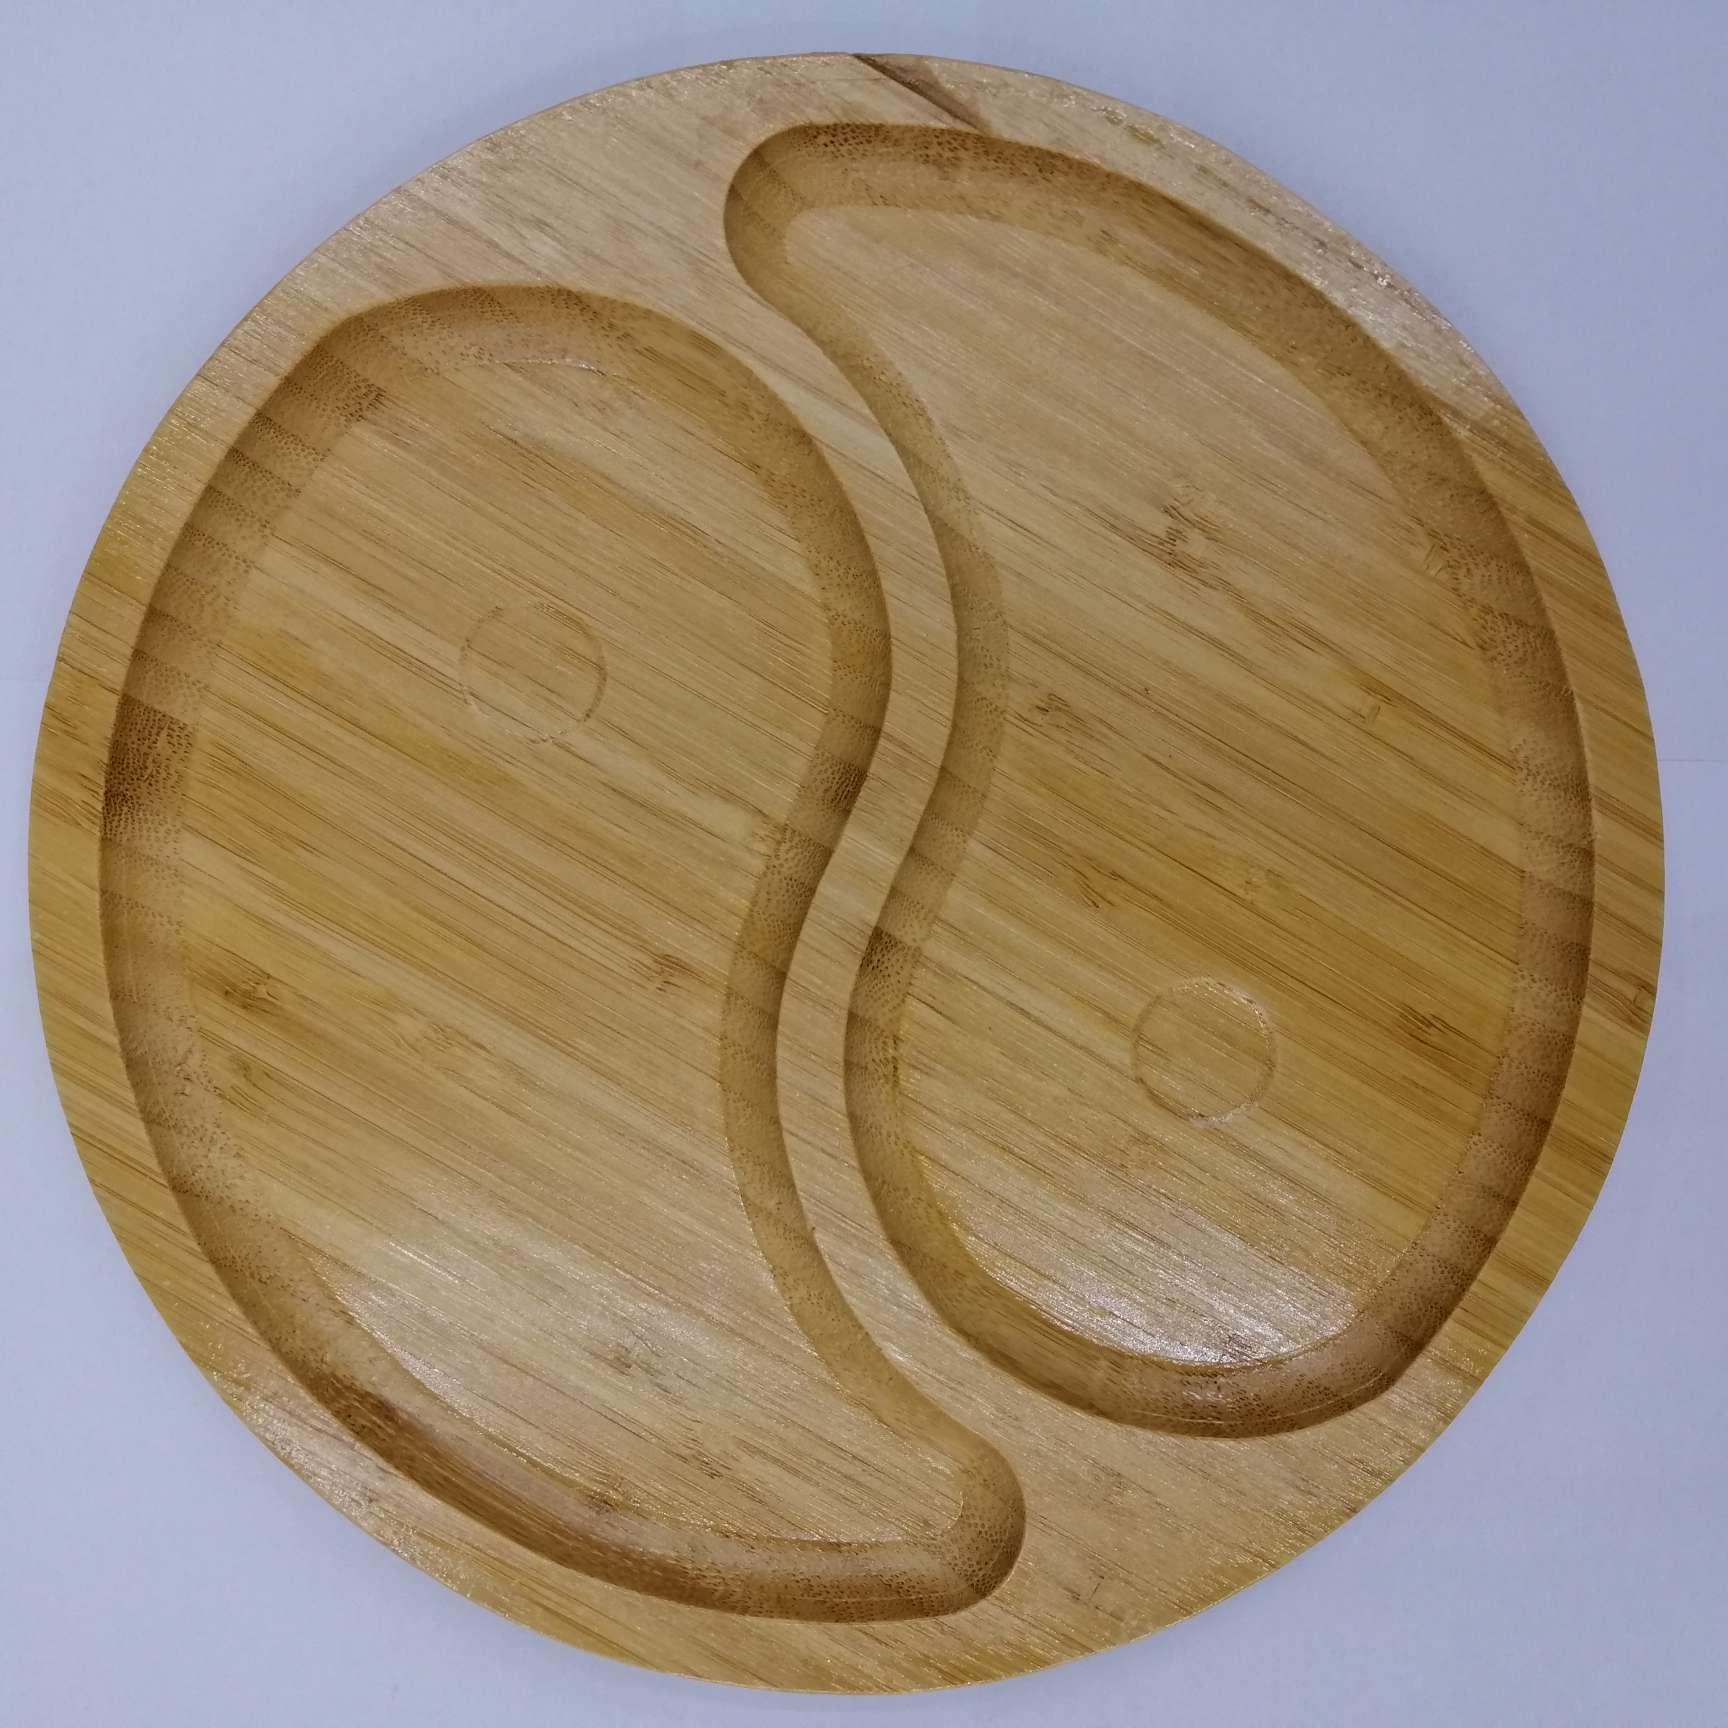 竹制大号圆形小托盘茶托水果盘干果坚果盘环保